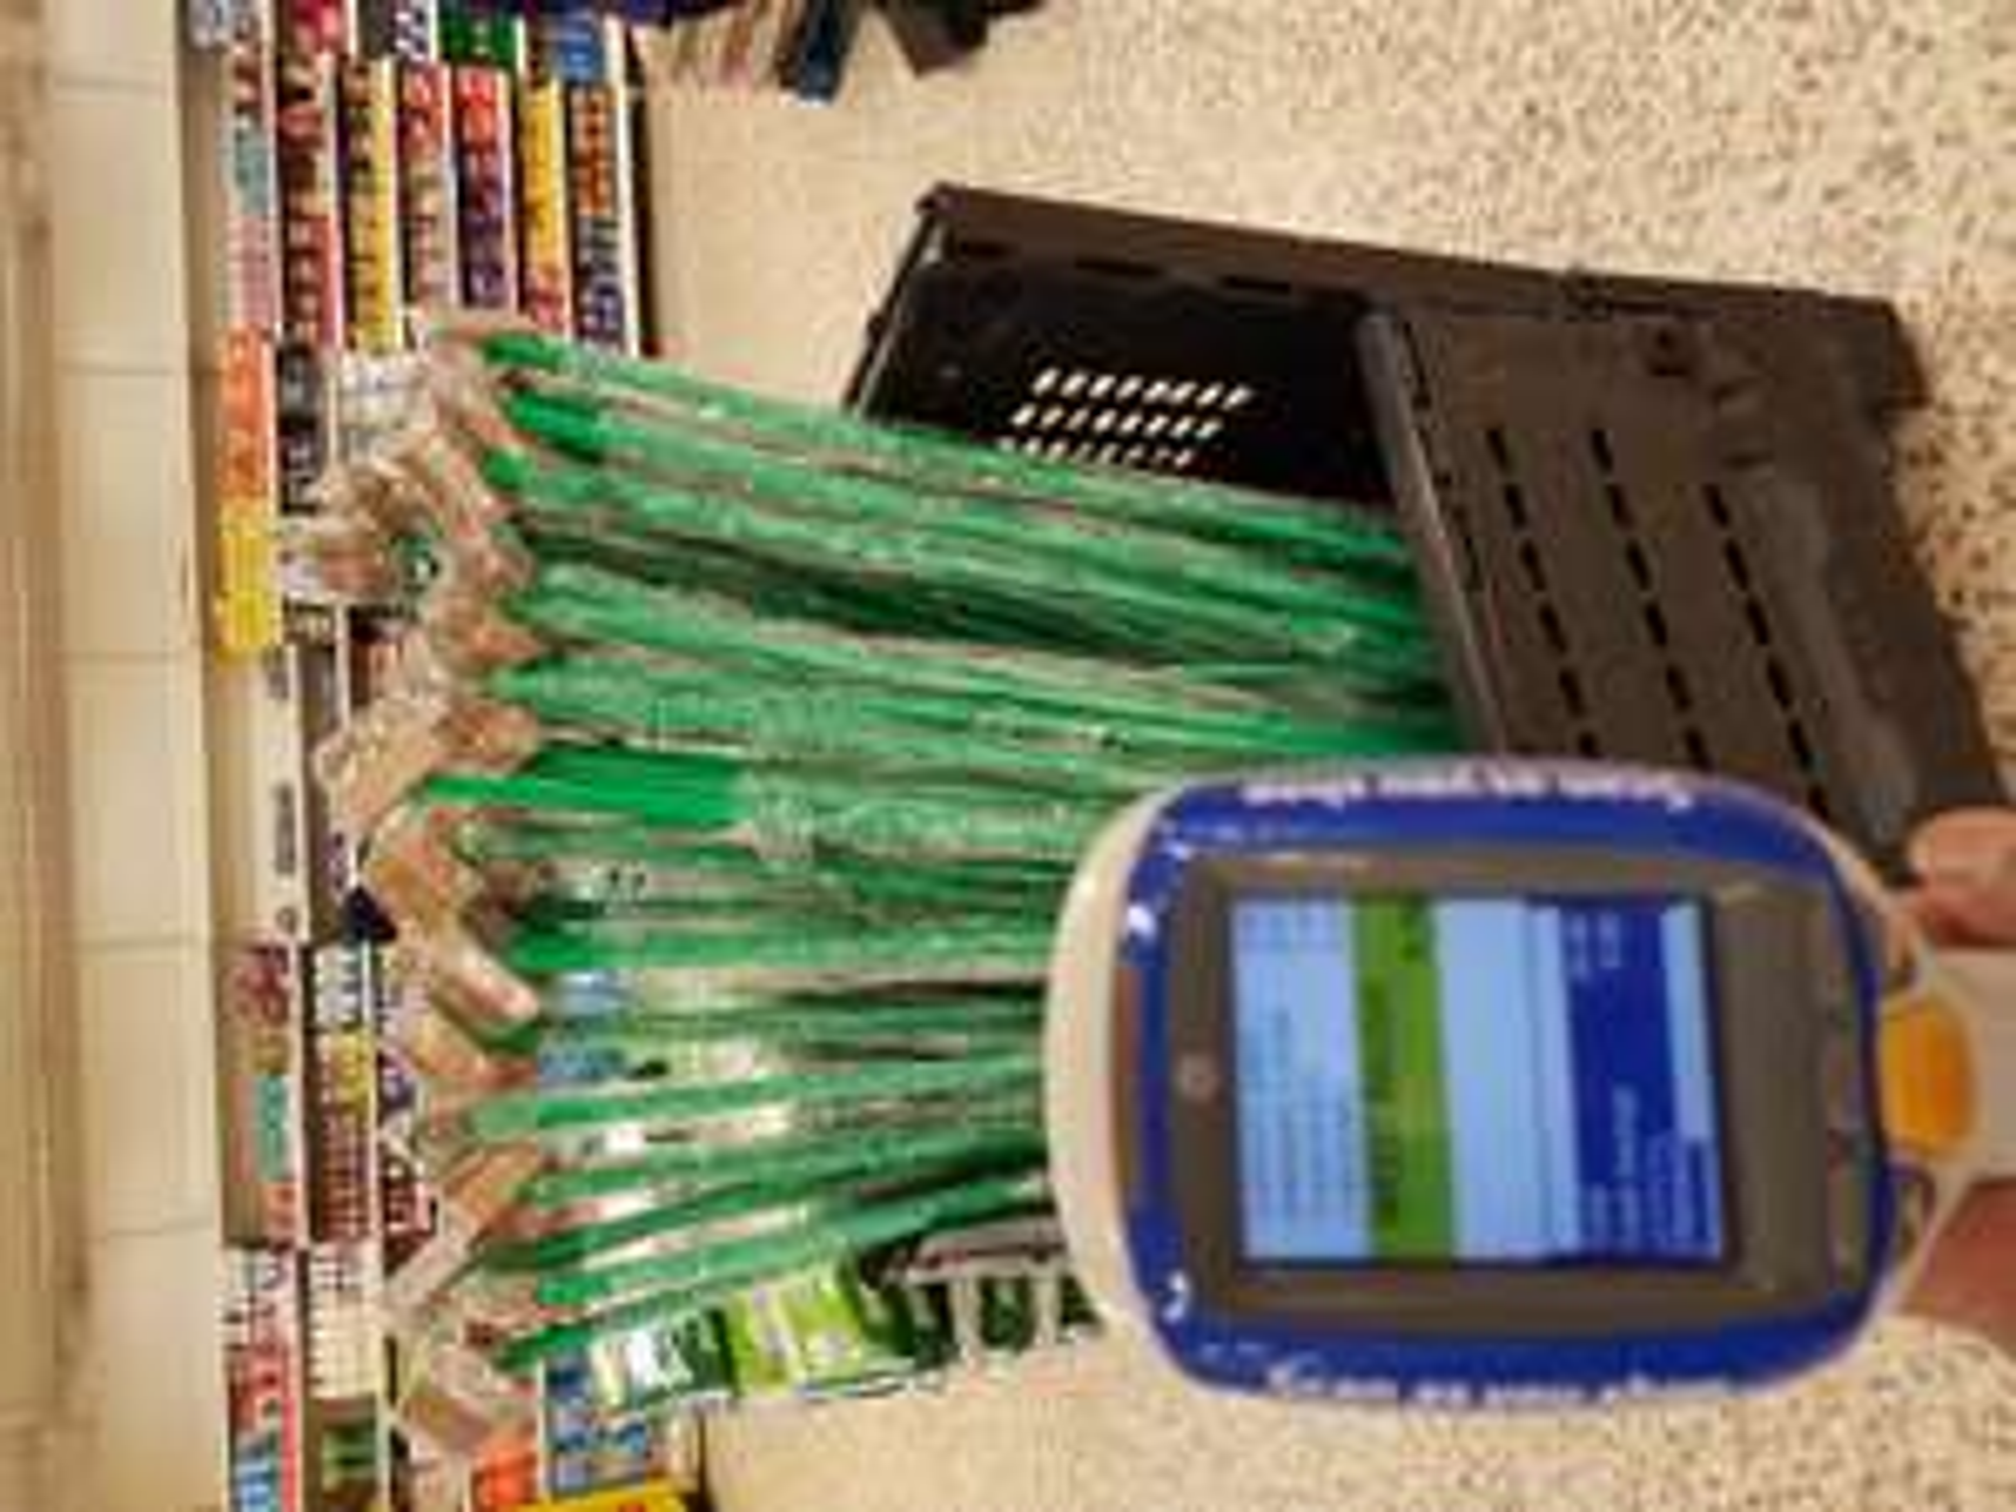 Tesco garden weed brush tool instore for 75p